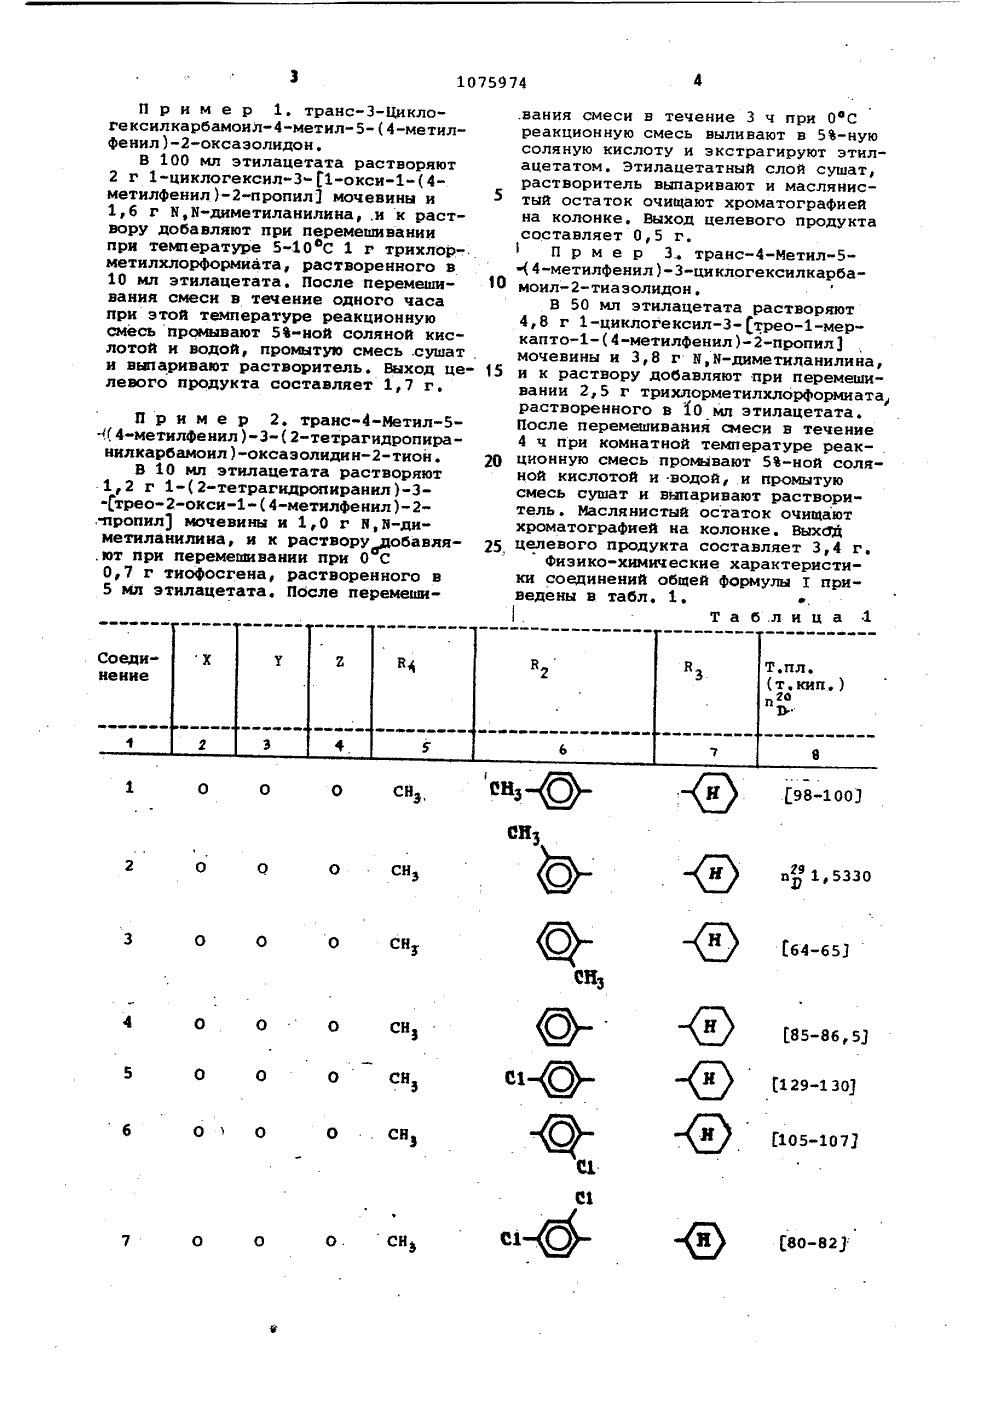 Таблица гетероцеклических соединений